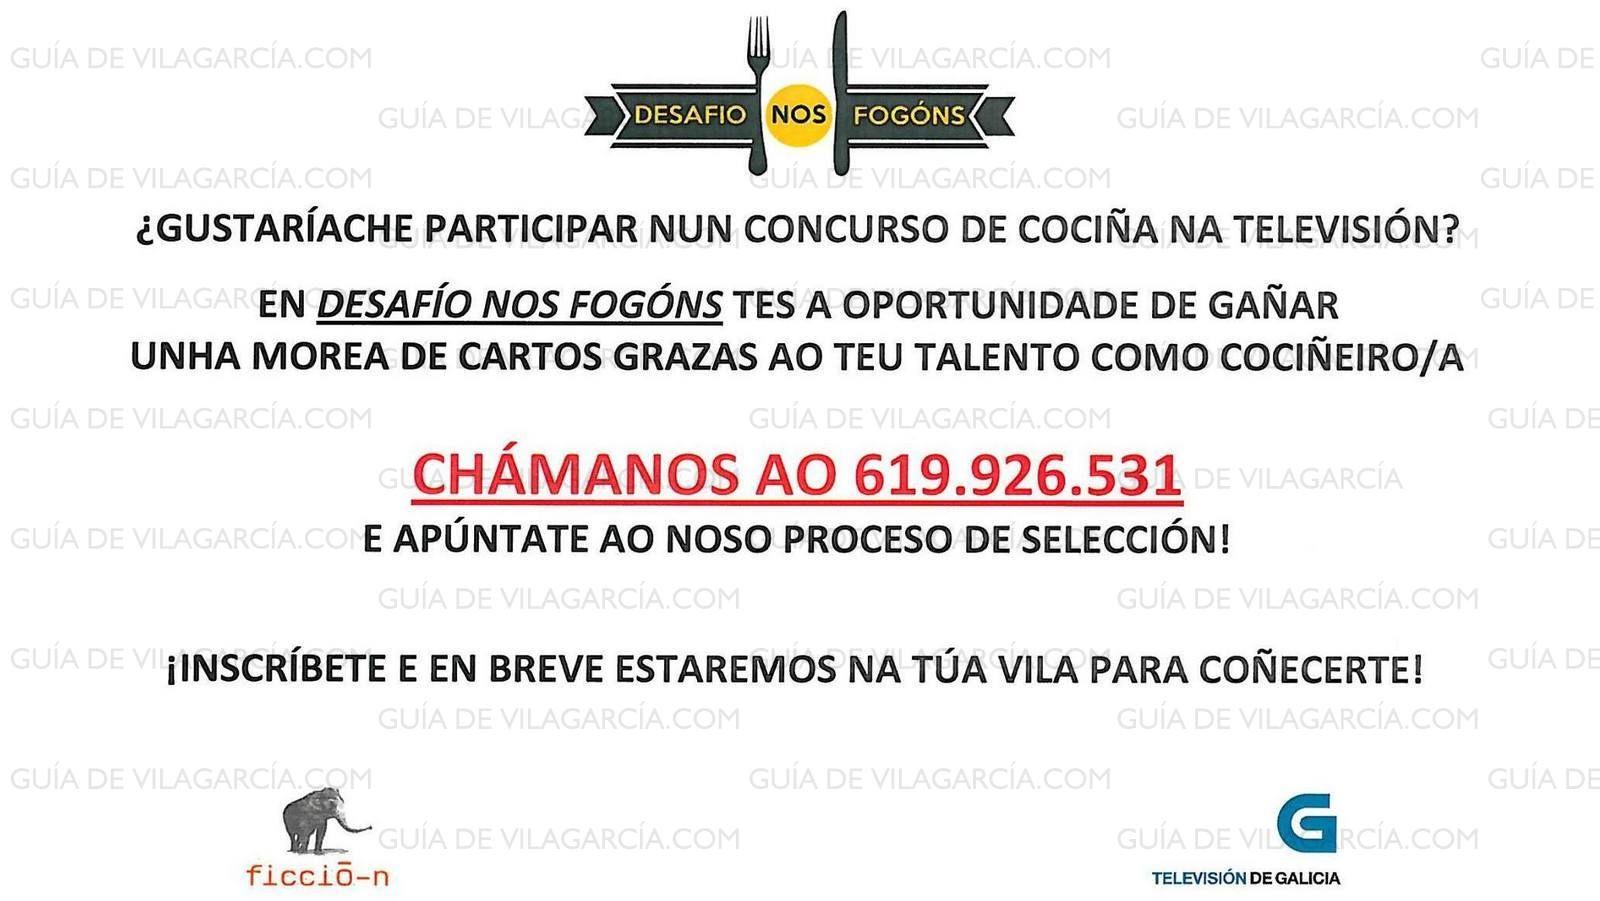 CASTING TVG oc'15 | Guía de Vilagarcía